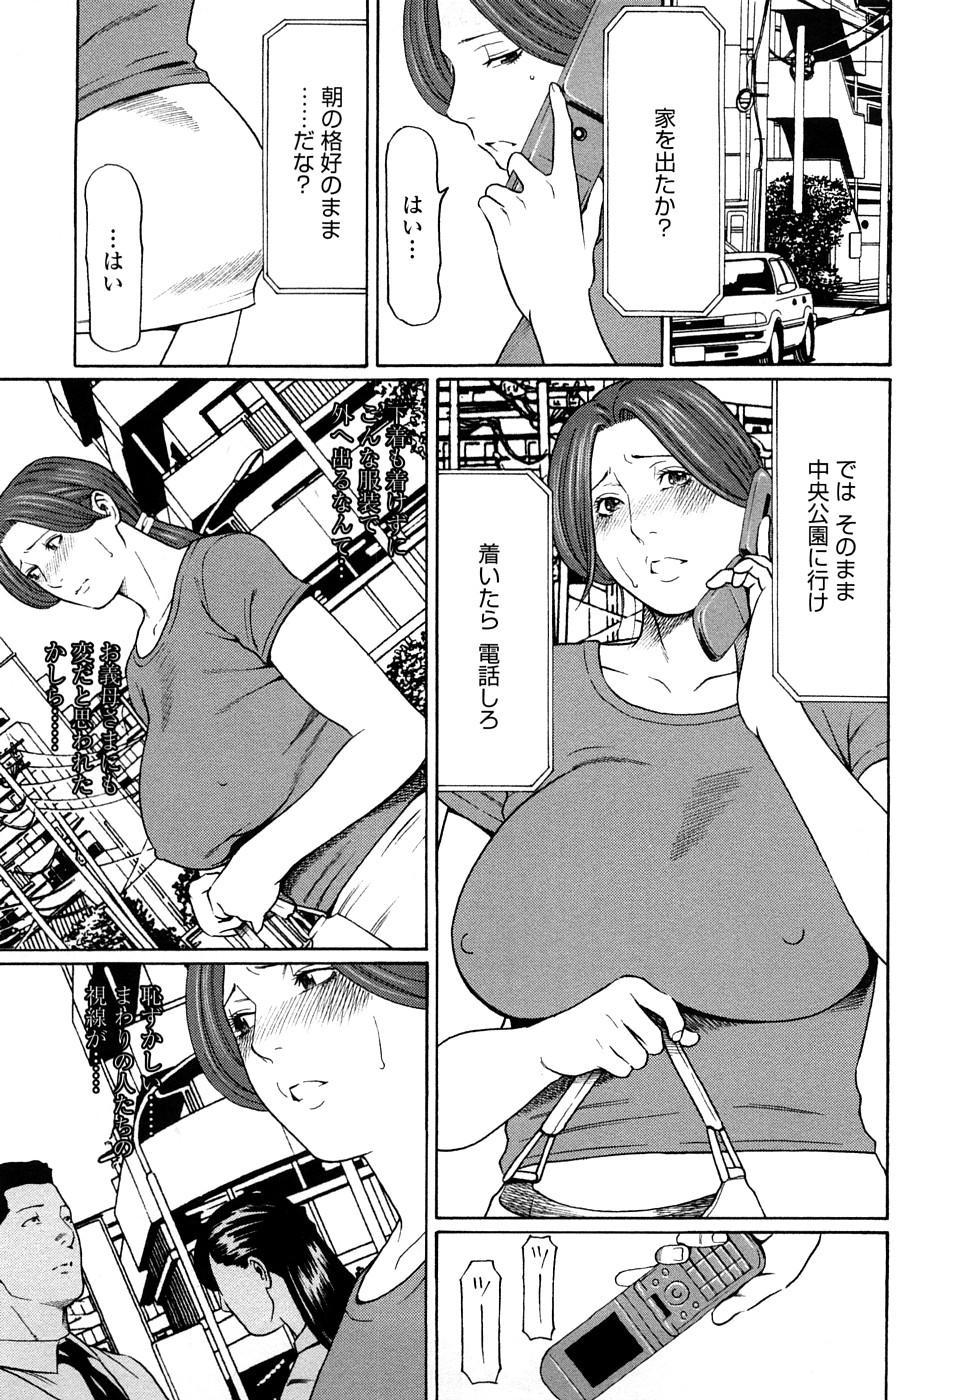 Etsuraku no Tobira - The Door of Sexual Pleasure 121